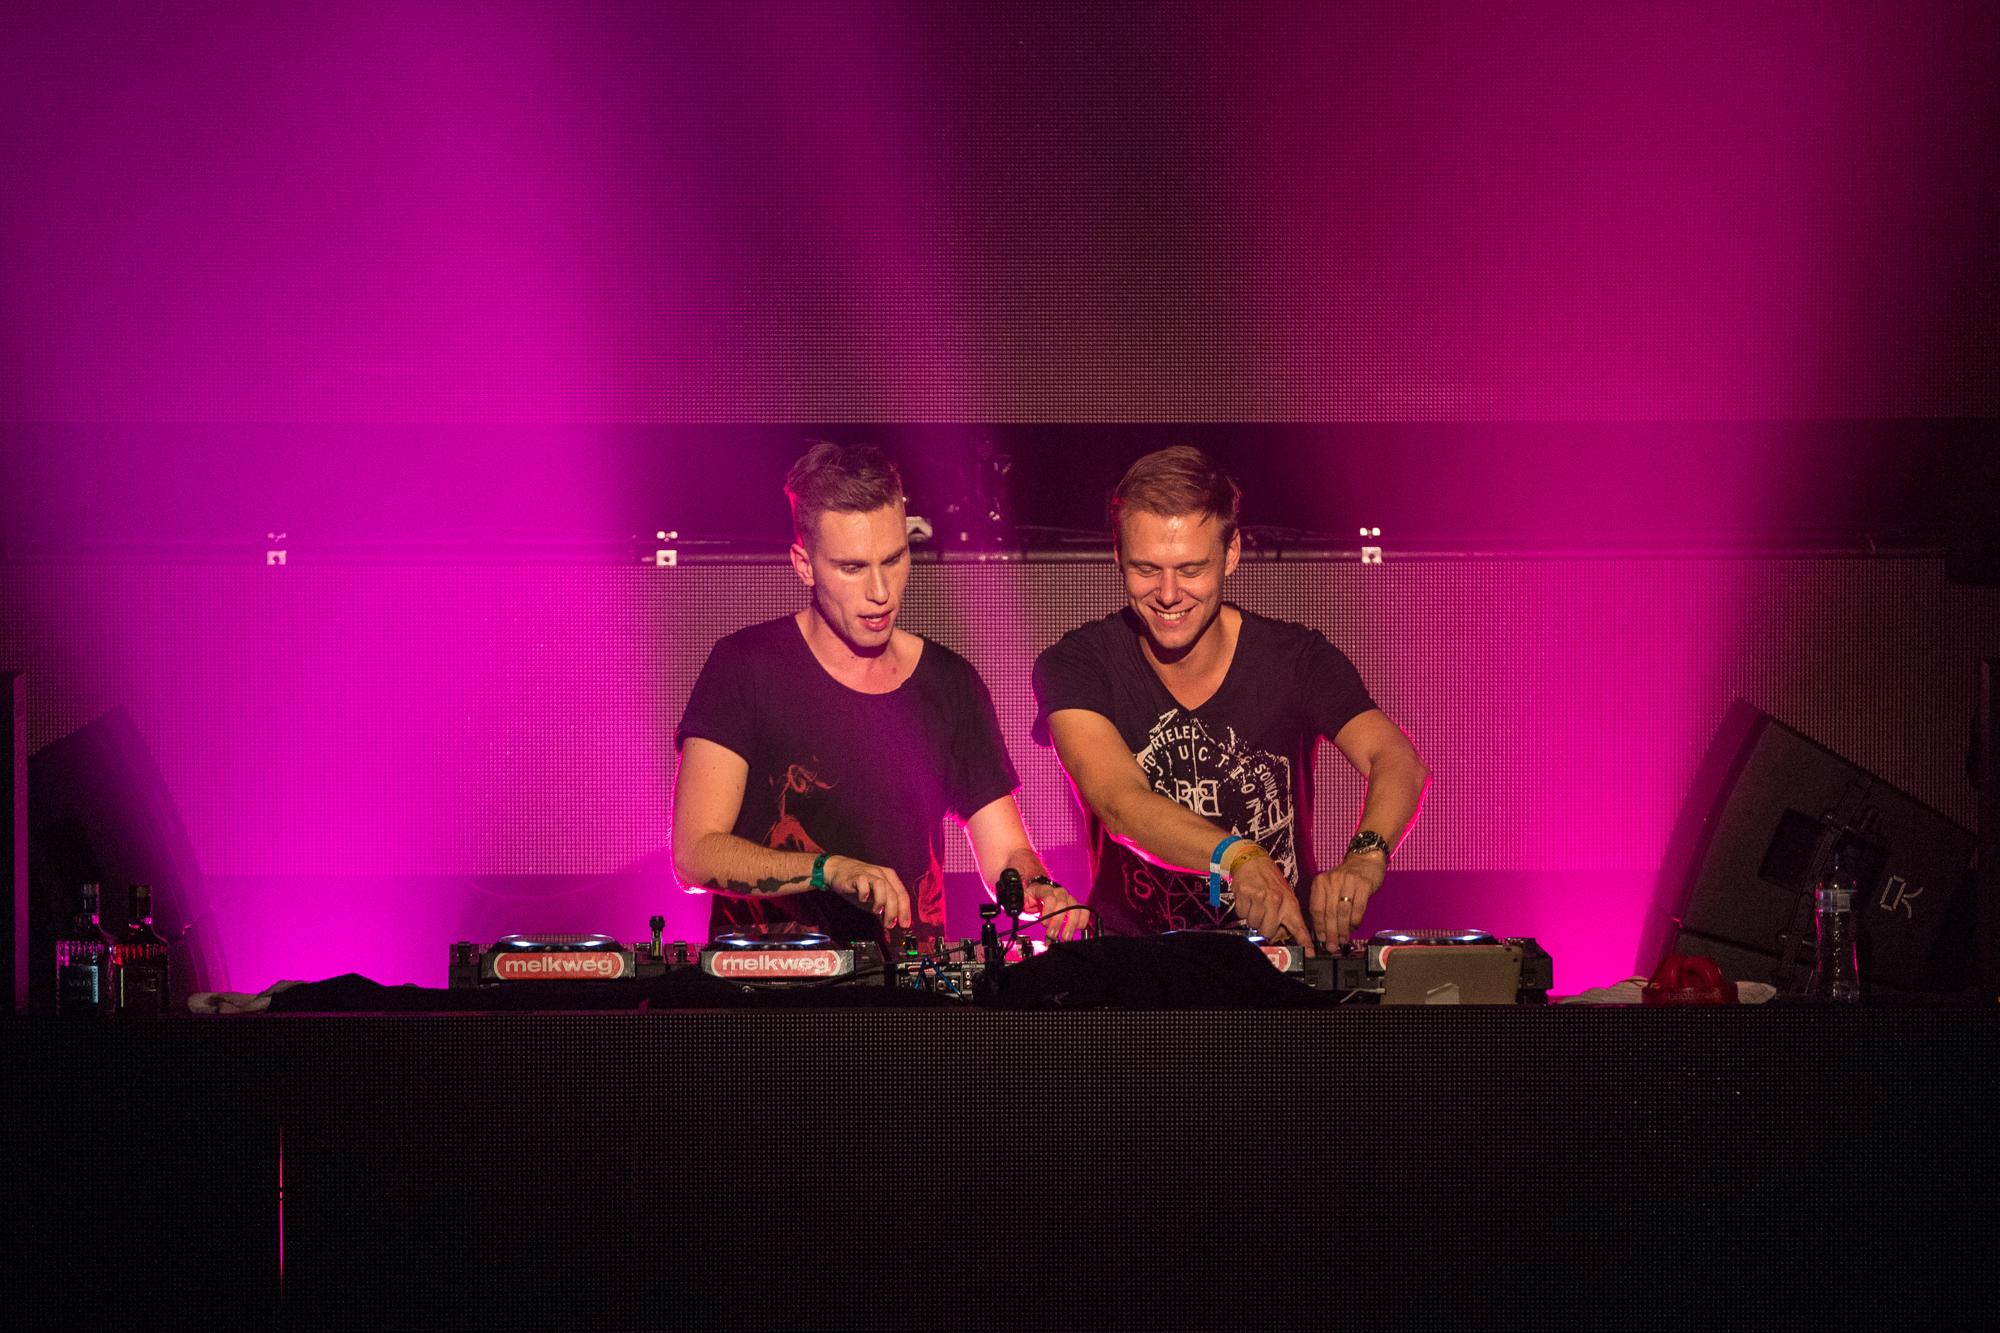 Armin van Buuren + Nicky Romero